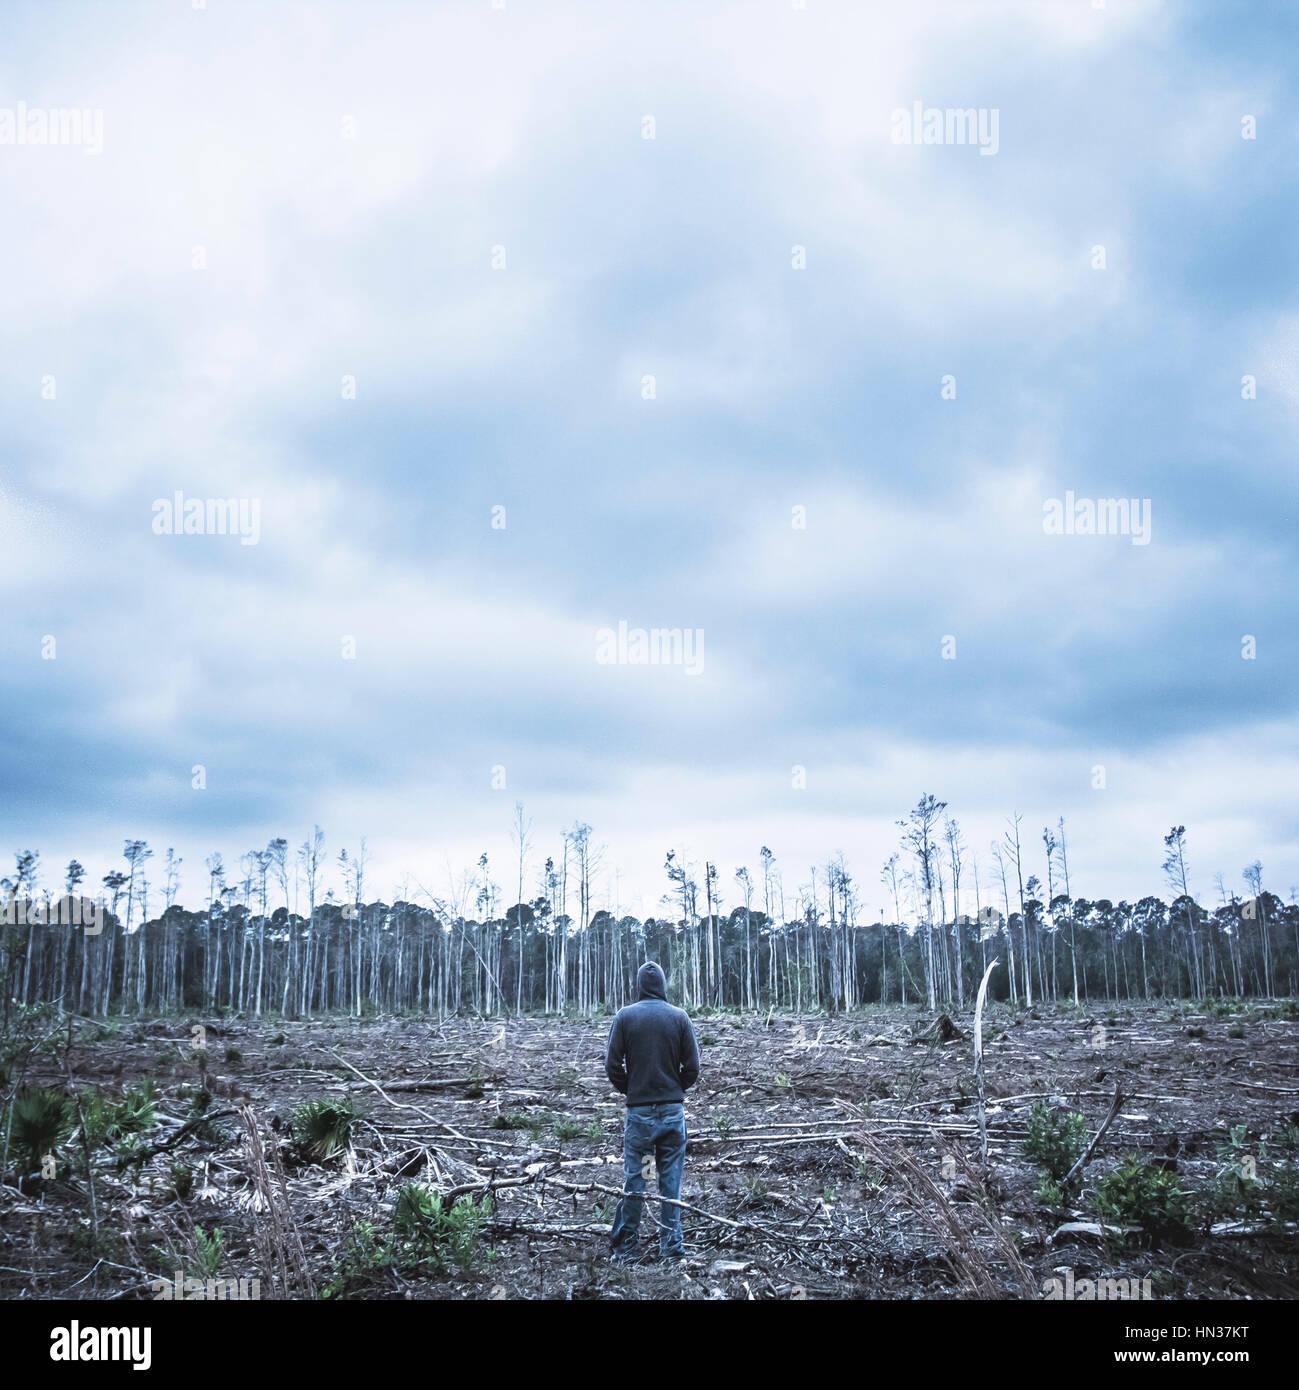 Hombre de pie solo entre una escena de deforestación Imagen De Stock